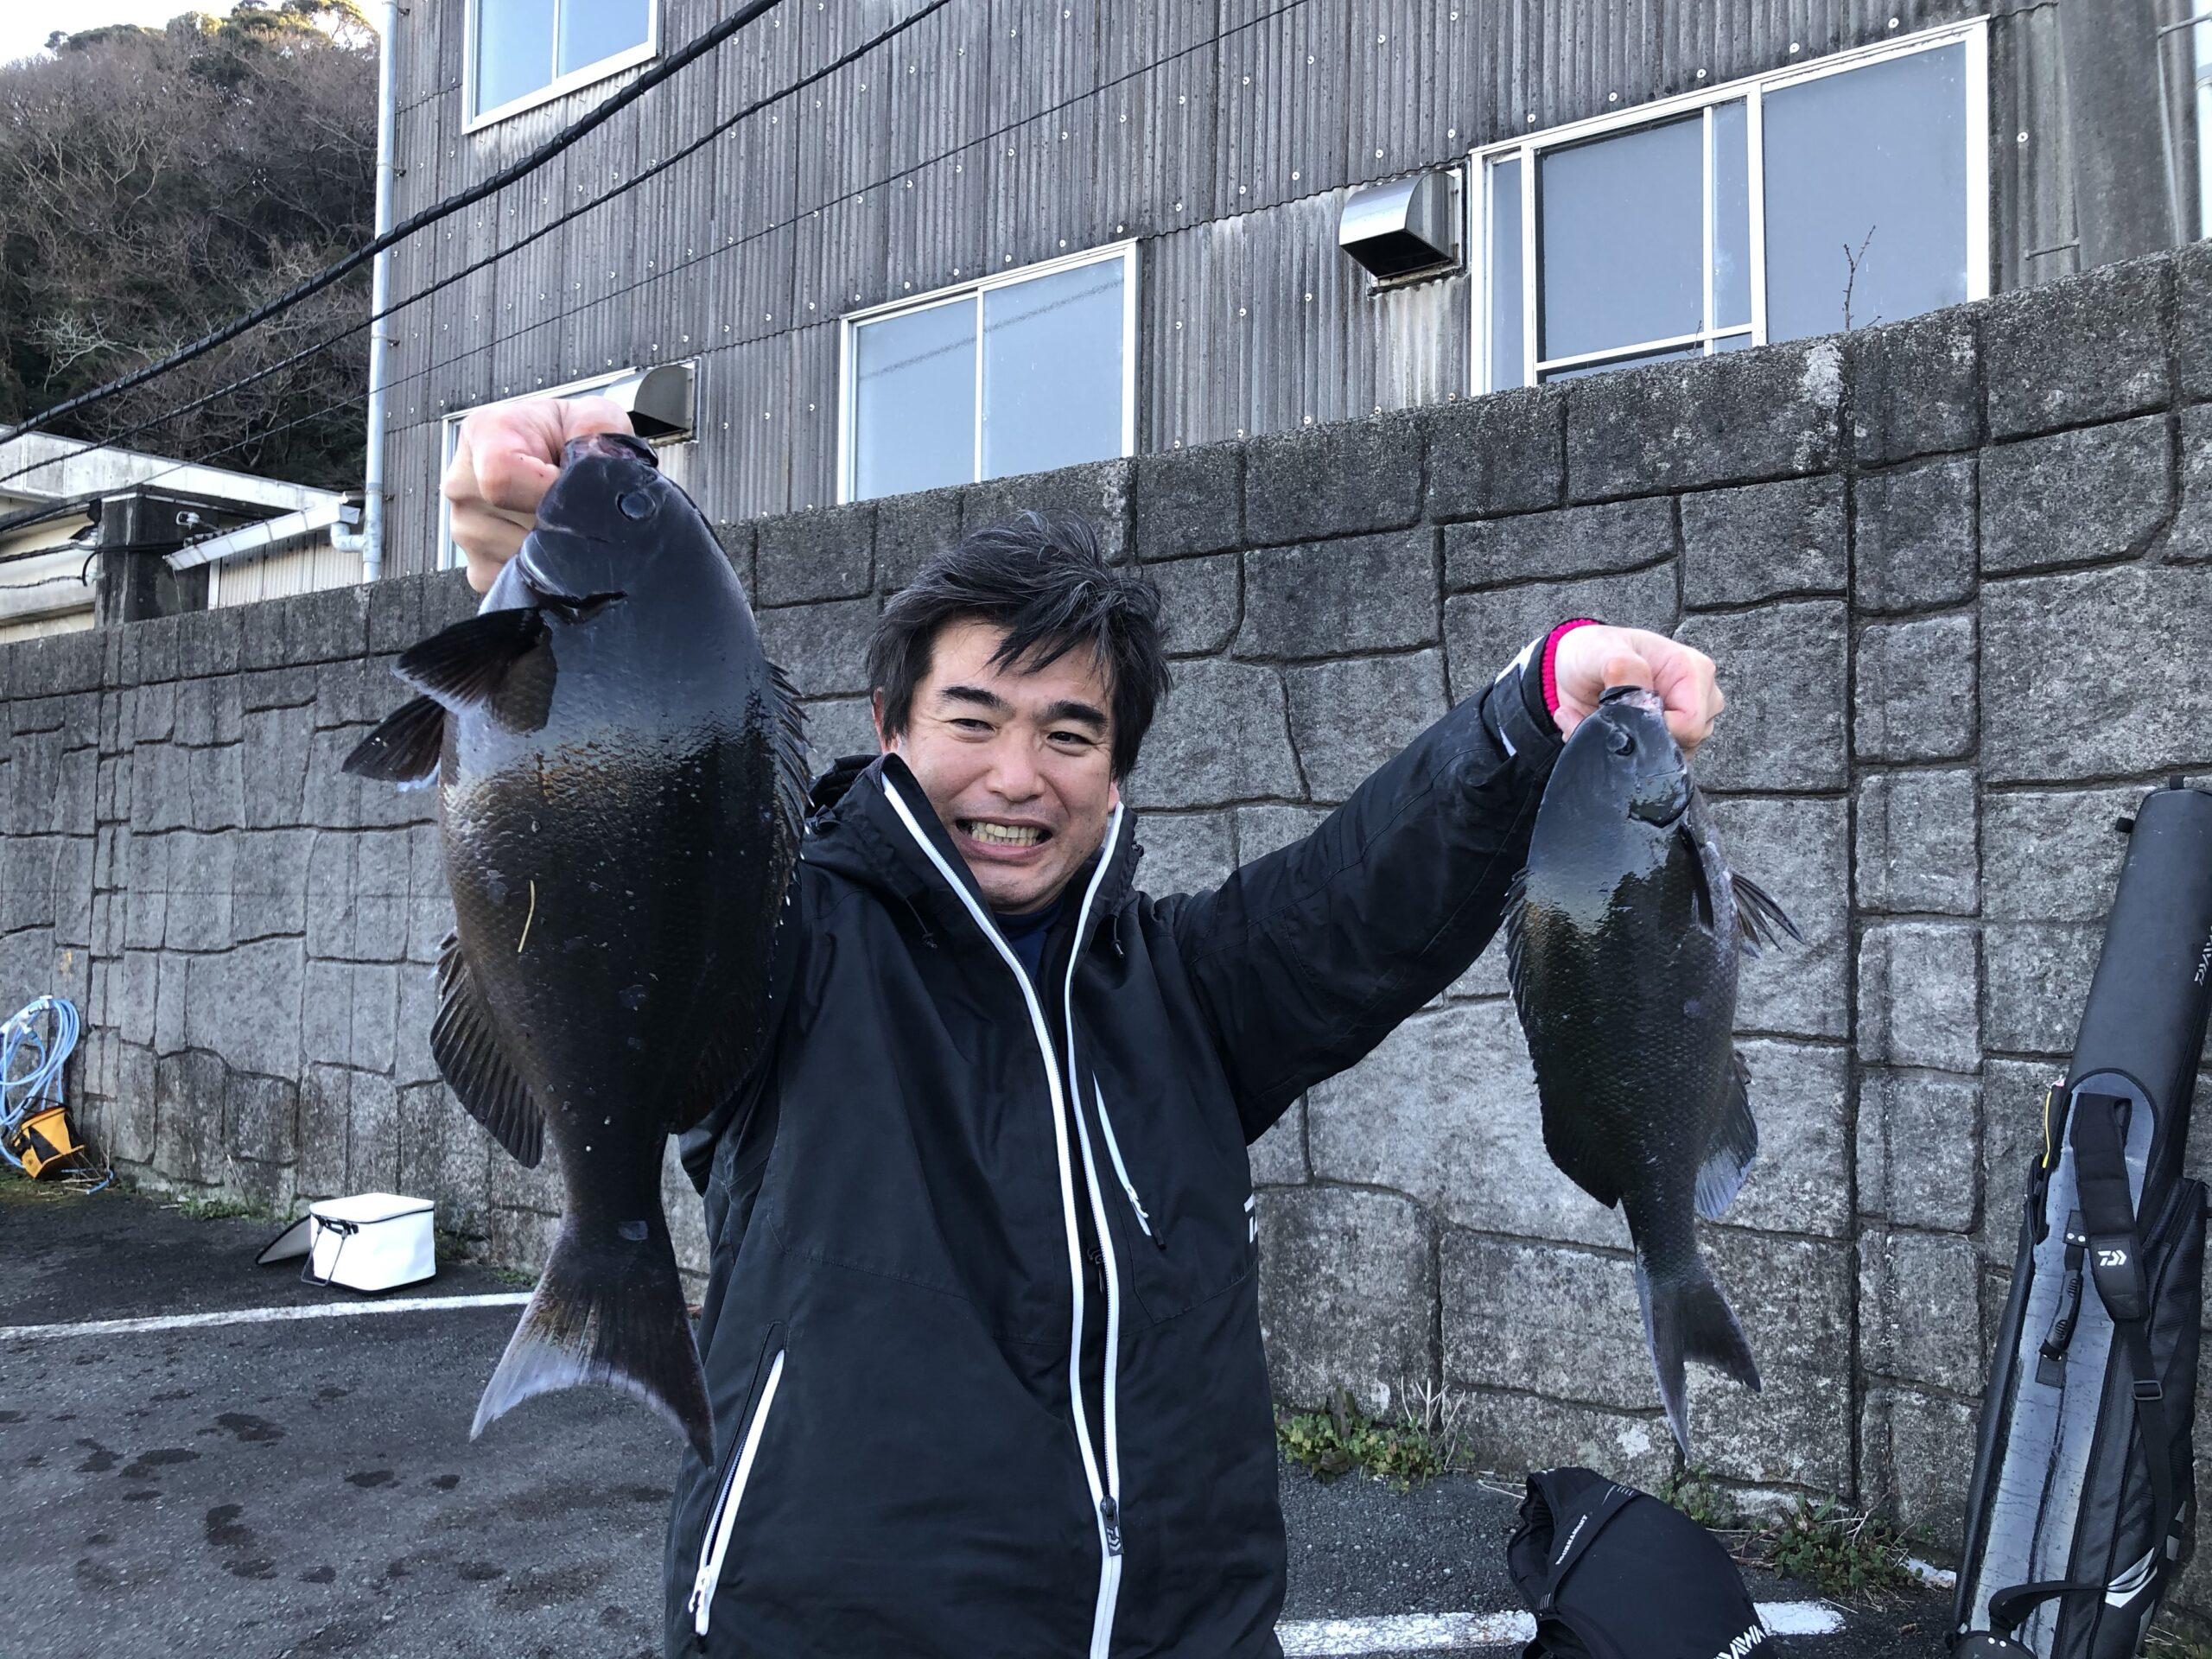 下田沖 石取根 ナライ角 磯釣り メジナ グレ 40cm ひがし丸